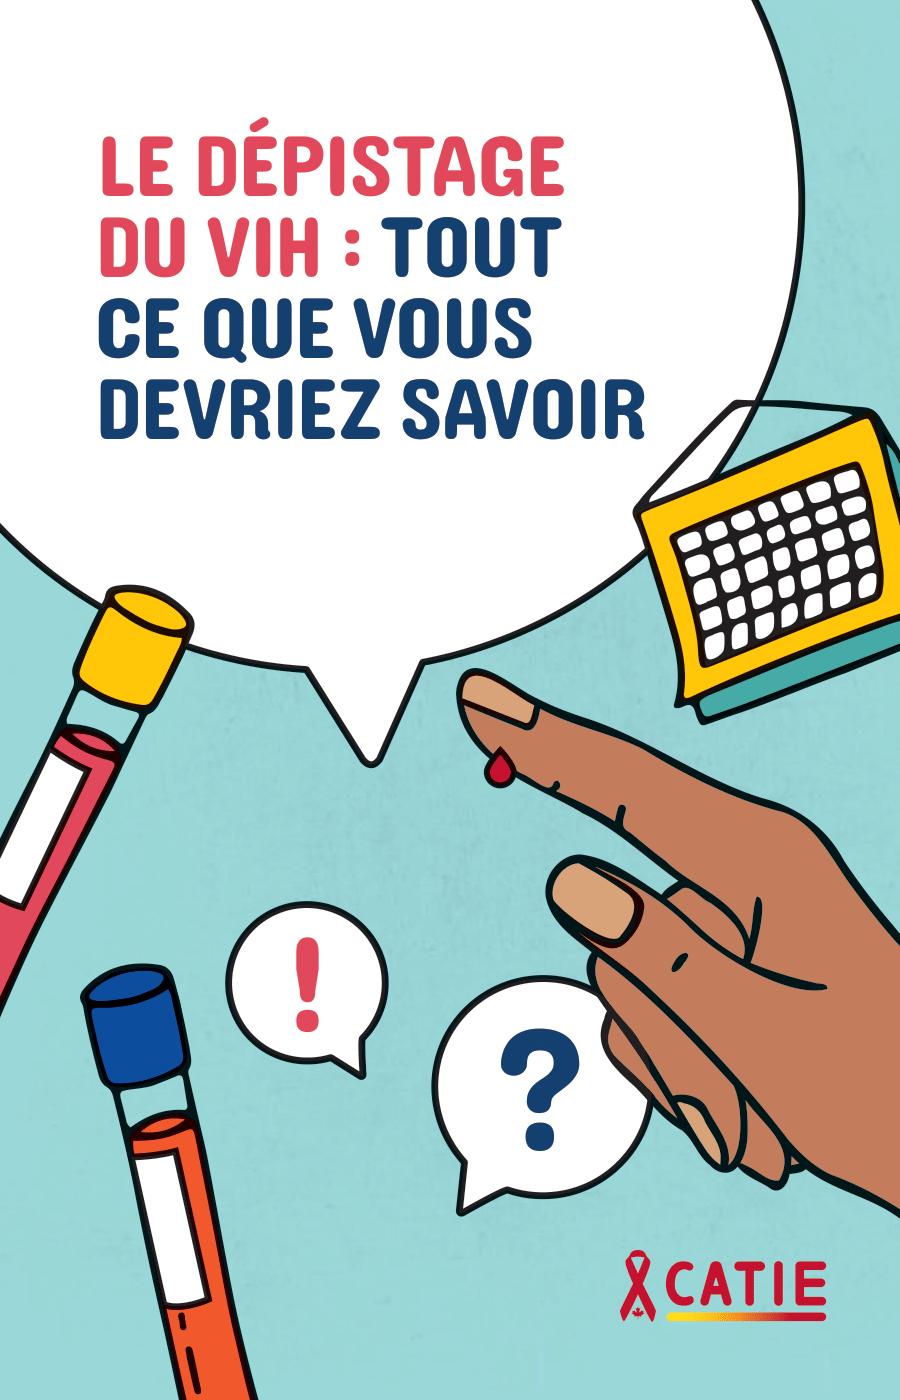 Le dépistage du VIH : Tout ce que vous devriez savoir